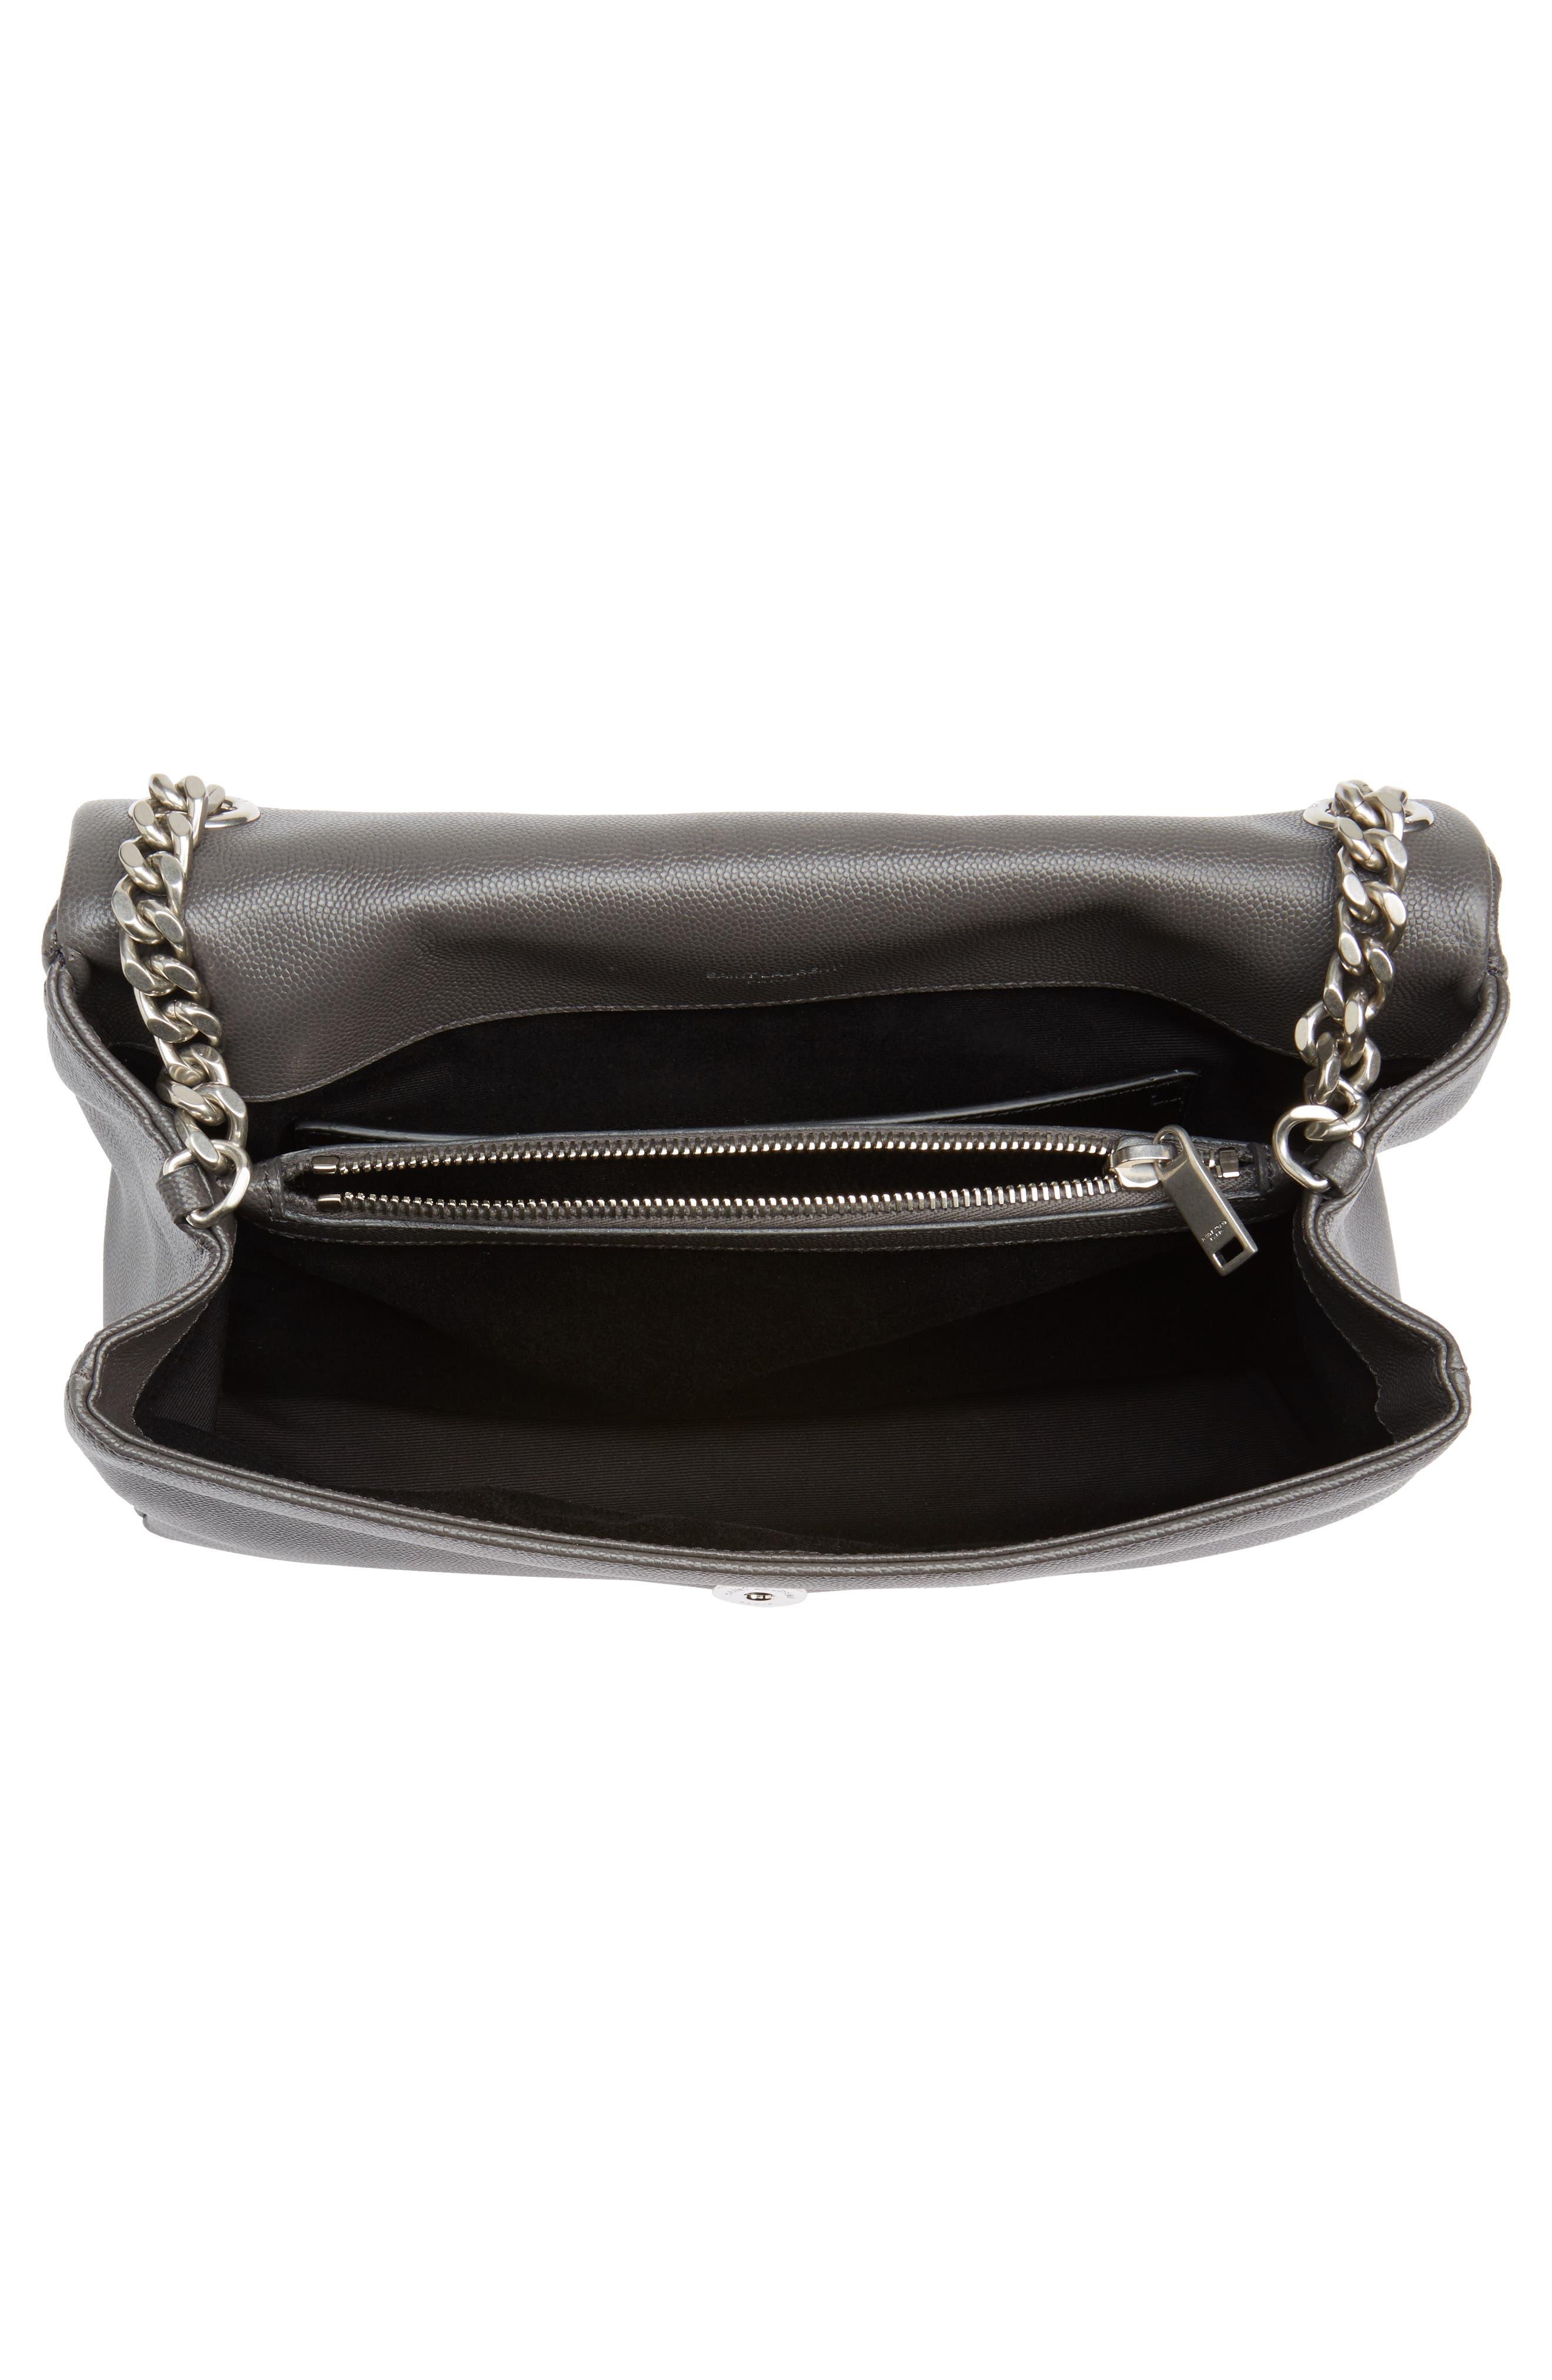 Medium West Hollywood Leather Shoulder Bag,                             Alternate thumbnail 4, color,                             064